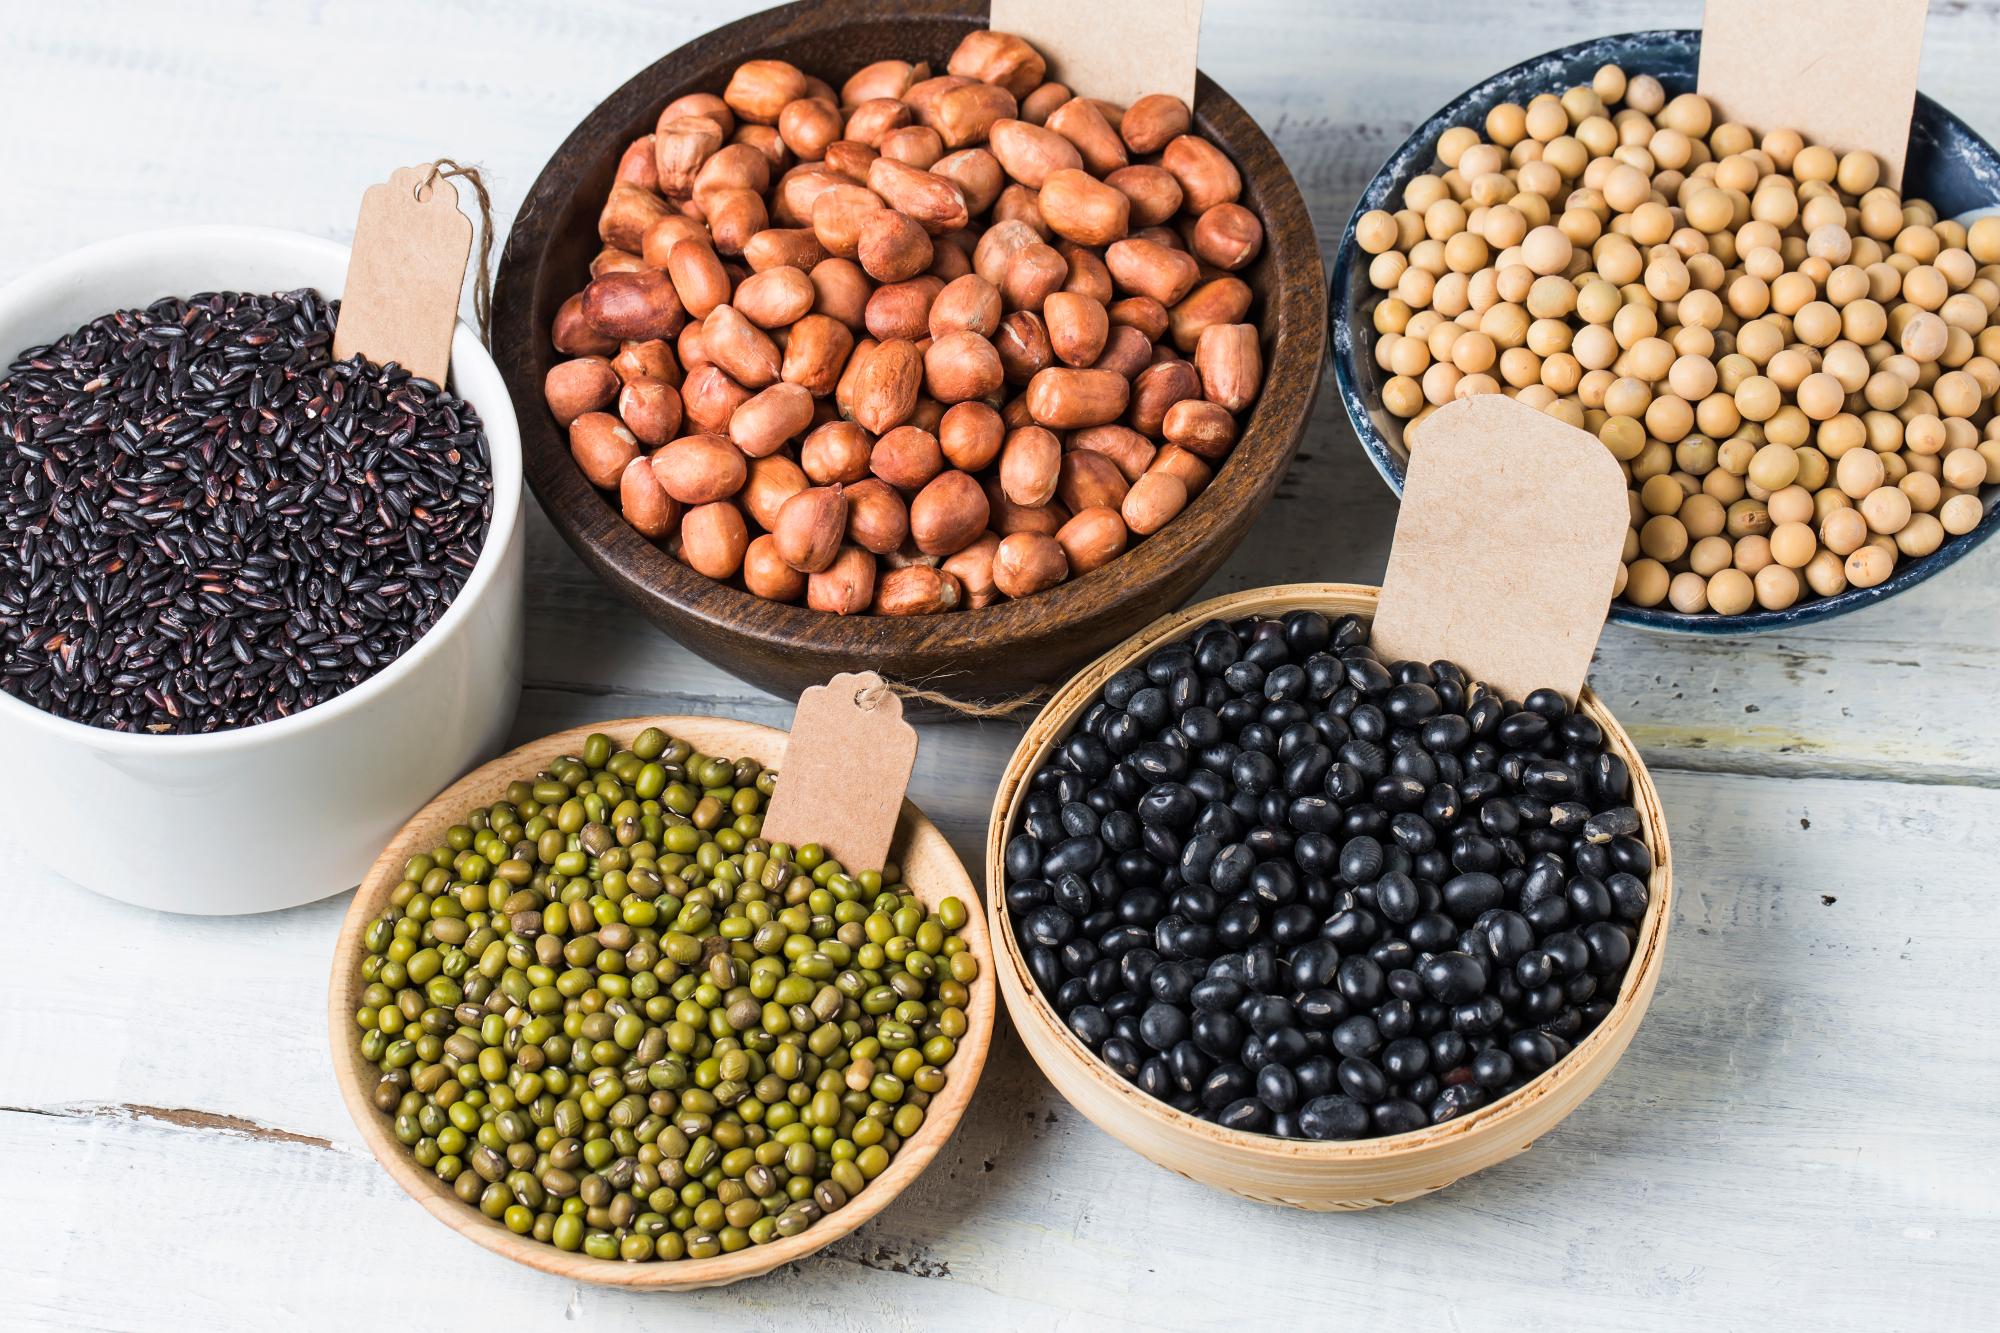 latinos consumen legumbres